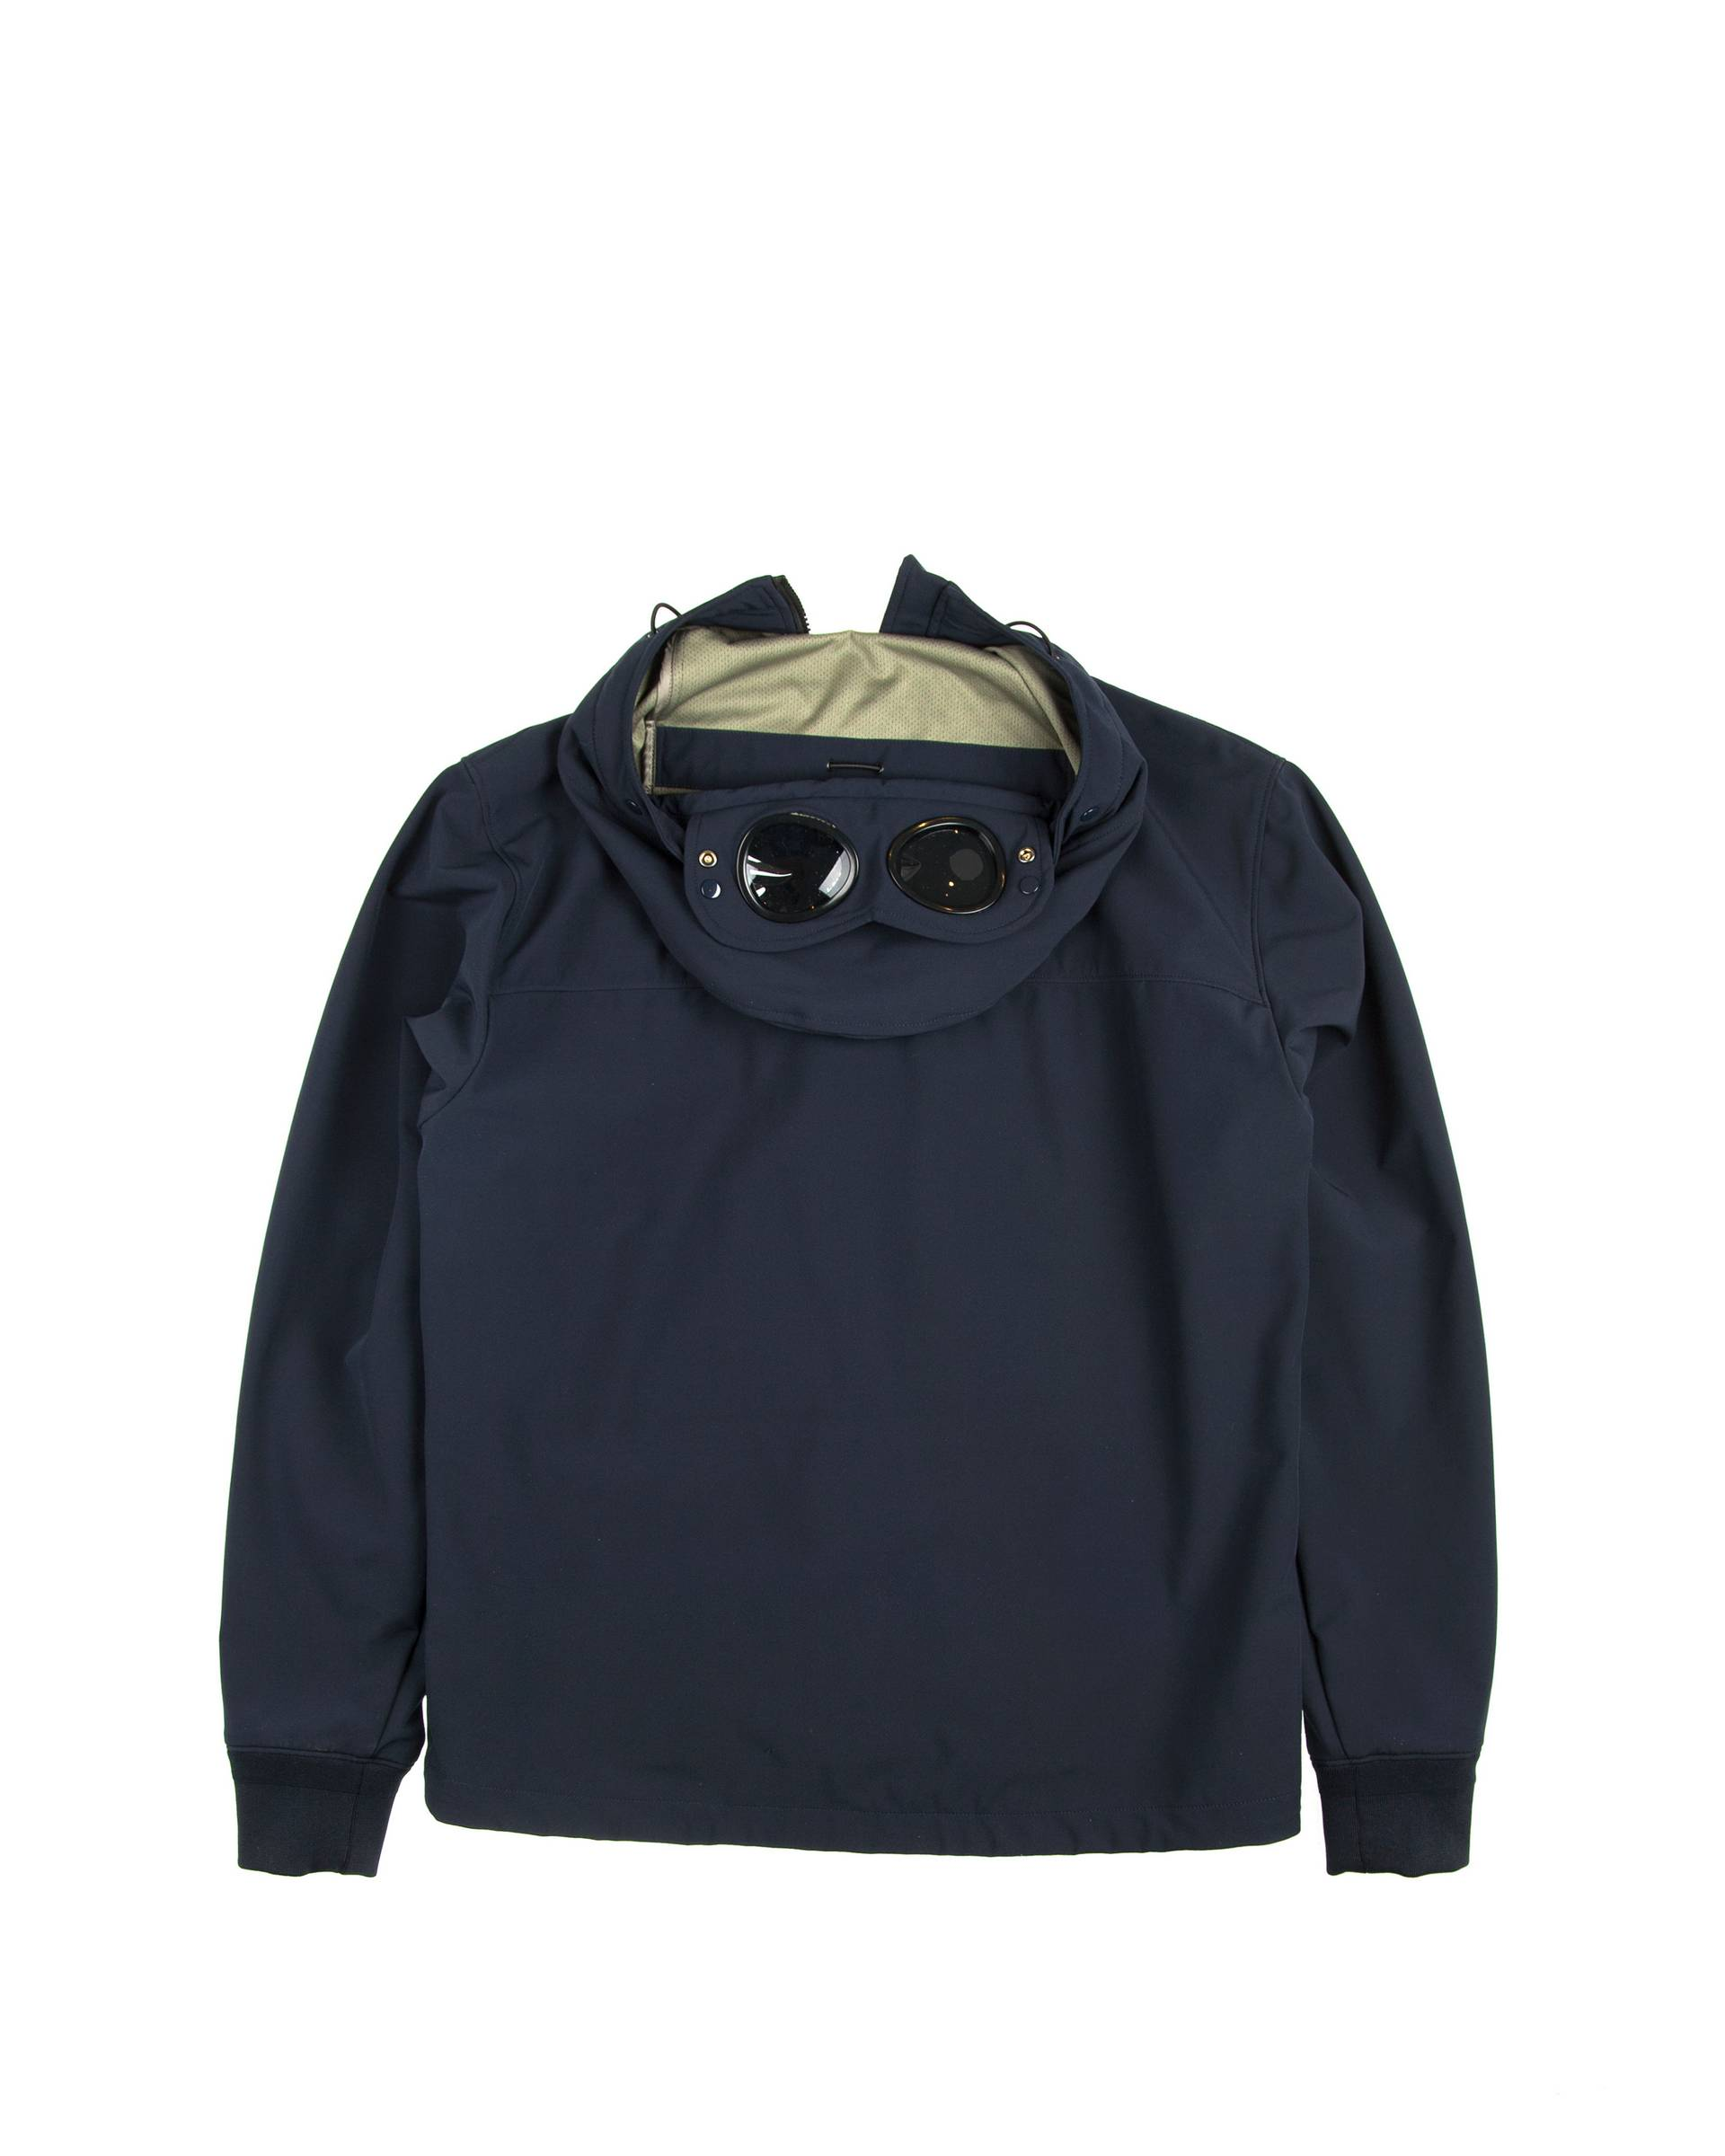 Ветровка C.P. Company Softshell Goggle Jacket Темно-синяя